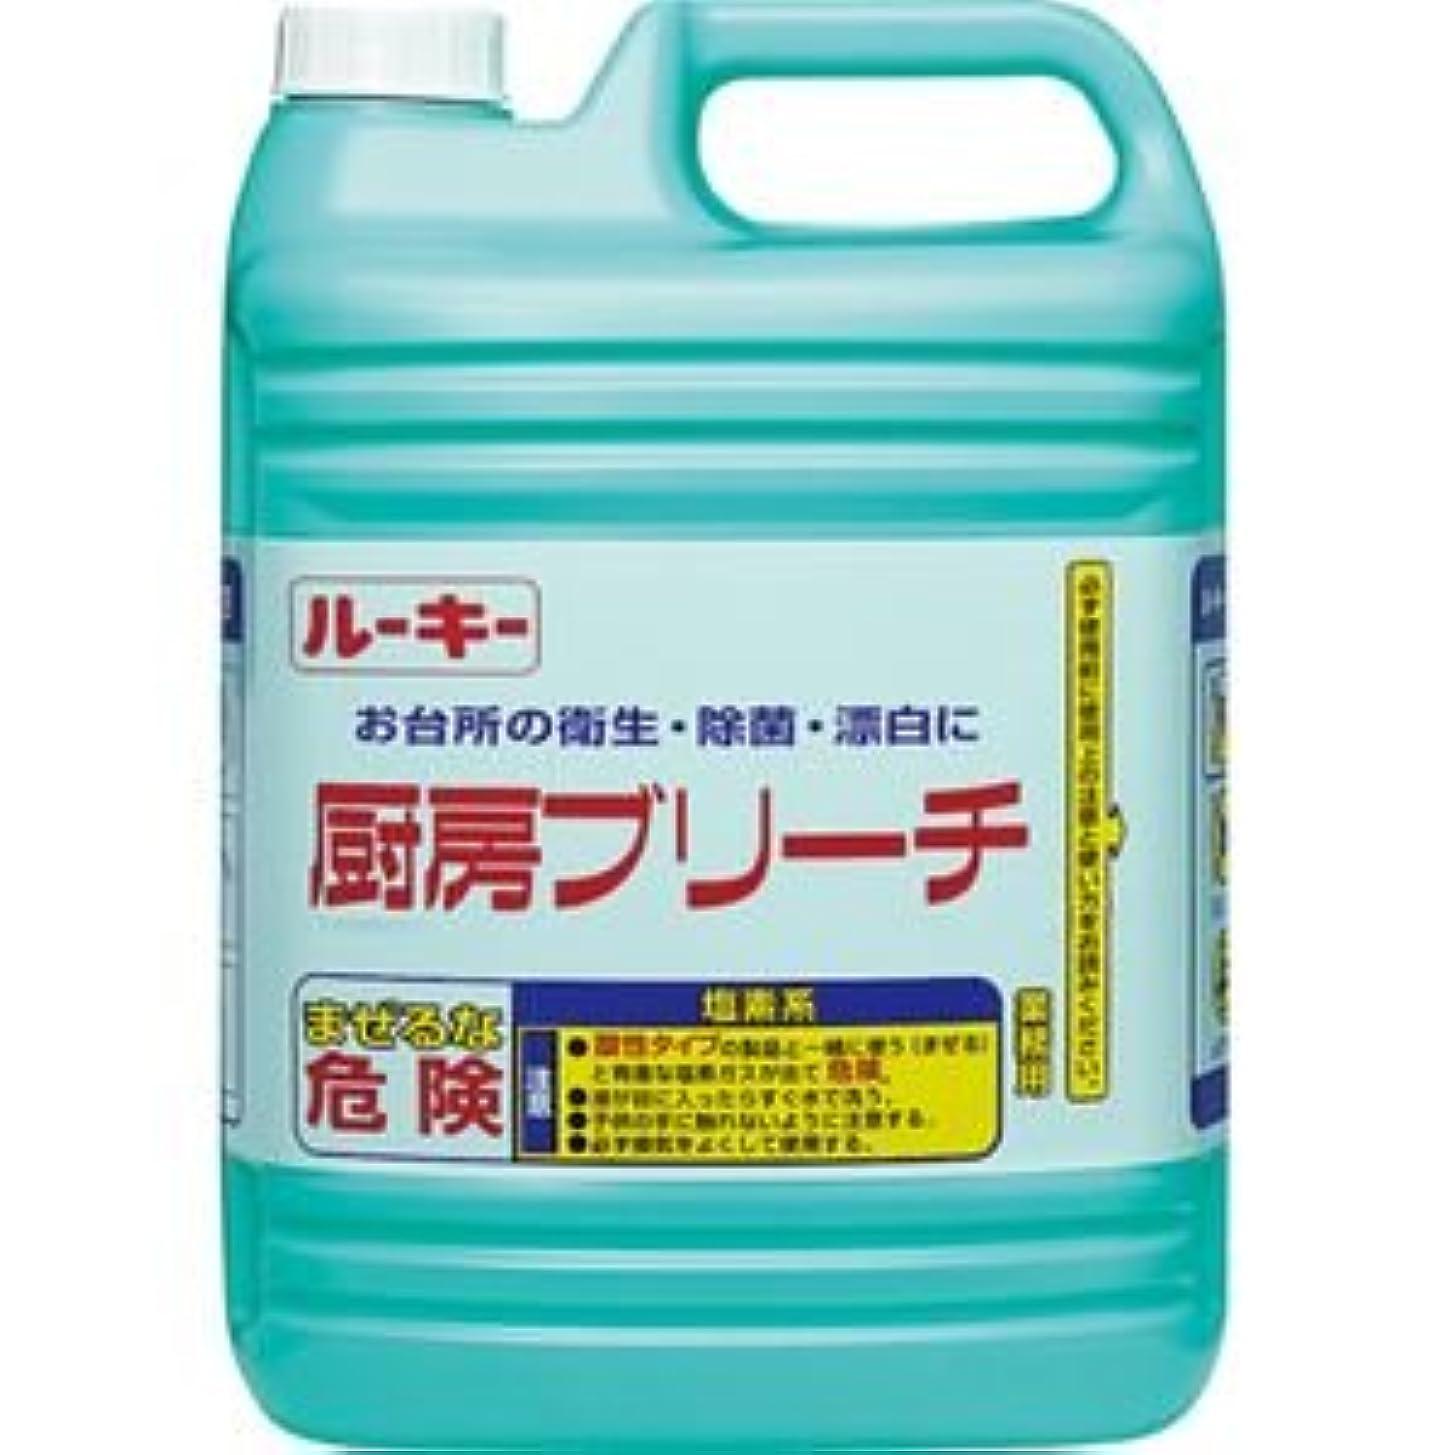 国家何新聞(まとめ) 第一石鹸 ルーキー 厨房ブリーチ 業務用 5kg 1本 【×5セット】